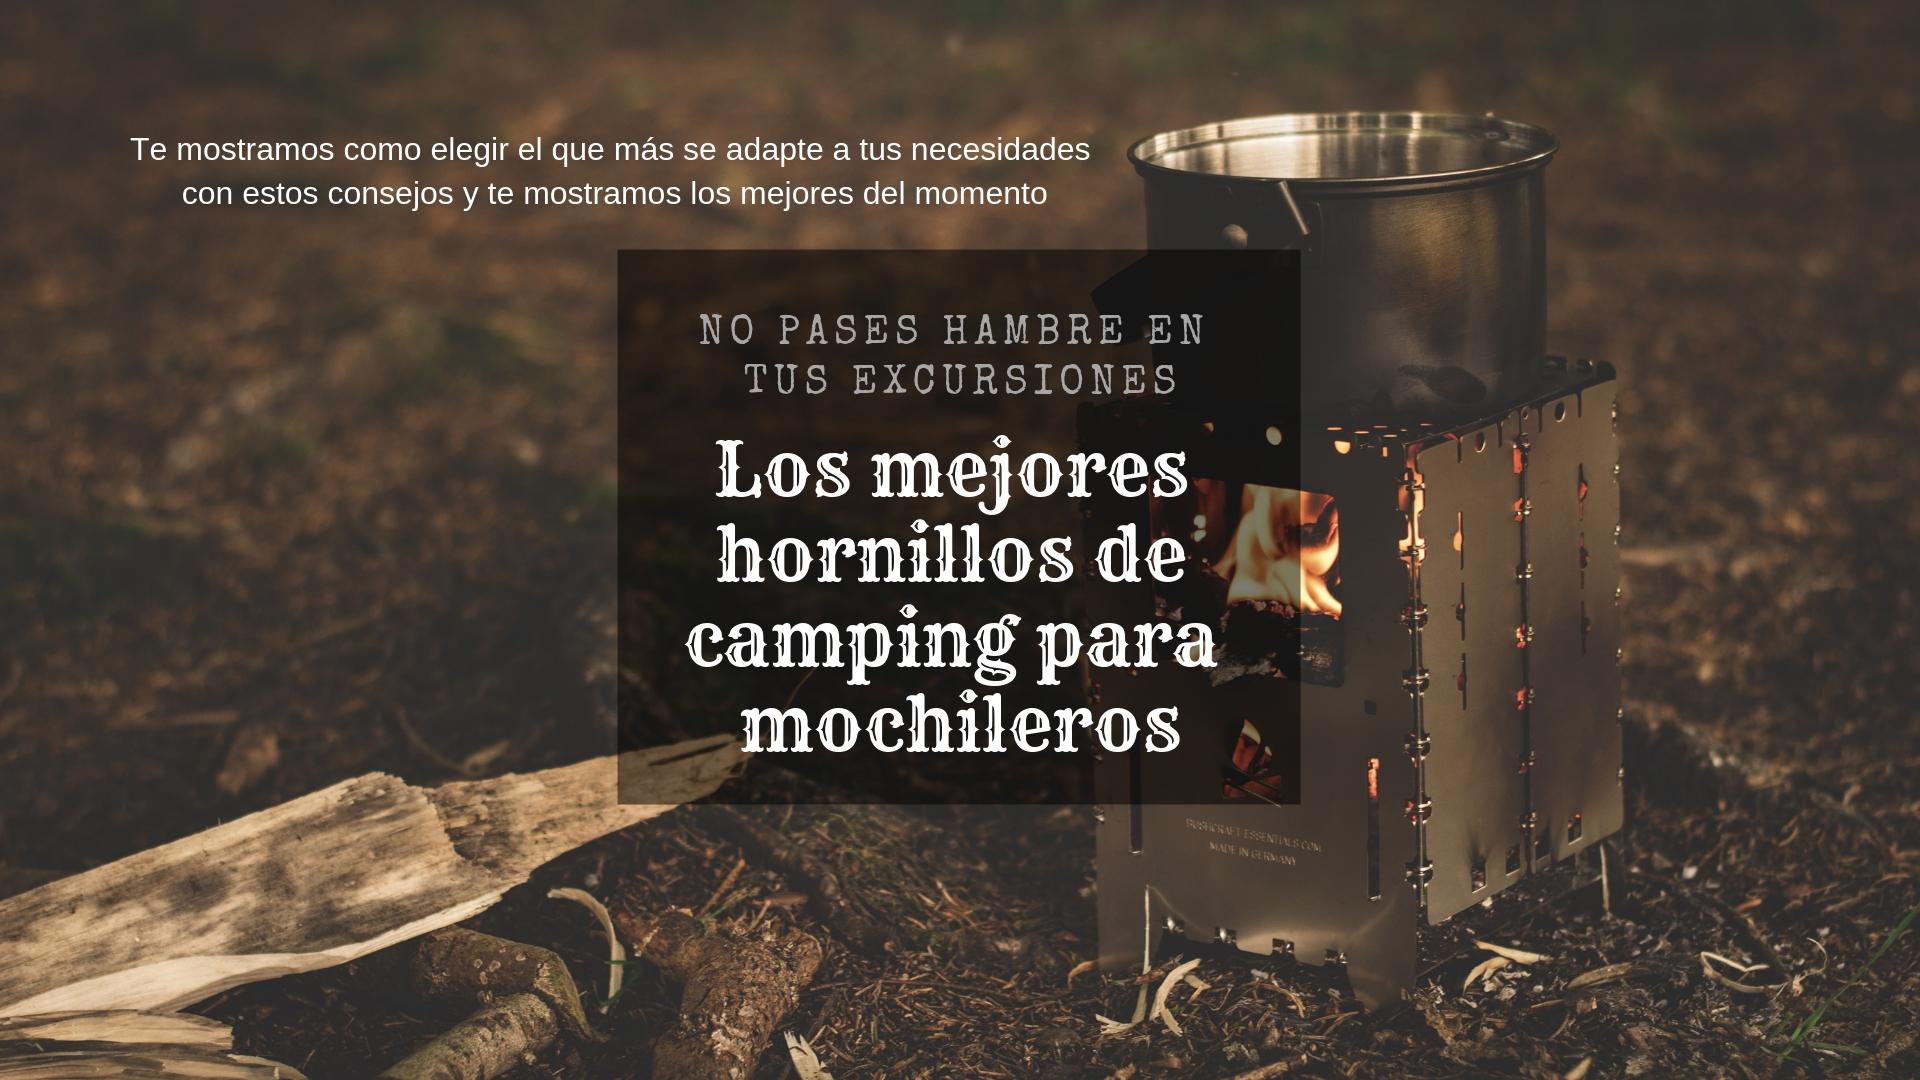 Mejores hornillos portátiles de camping para mochileros